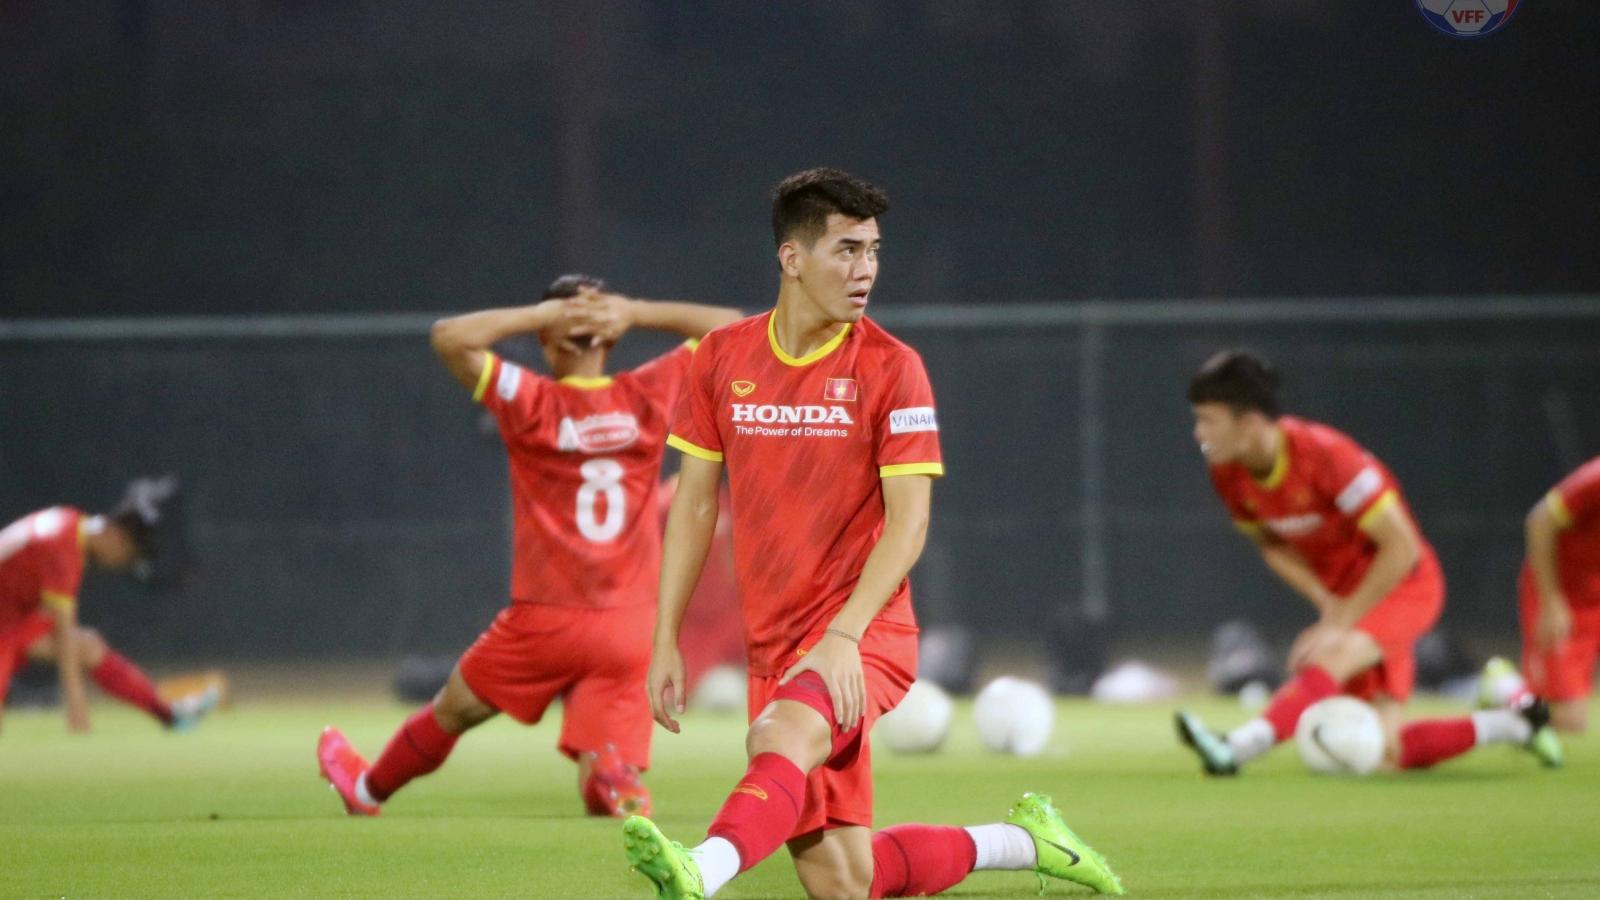 Tiến Linh: ĐT Việt Nam đang hoàn thiện trước trận gặp Indonesia